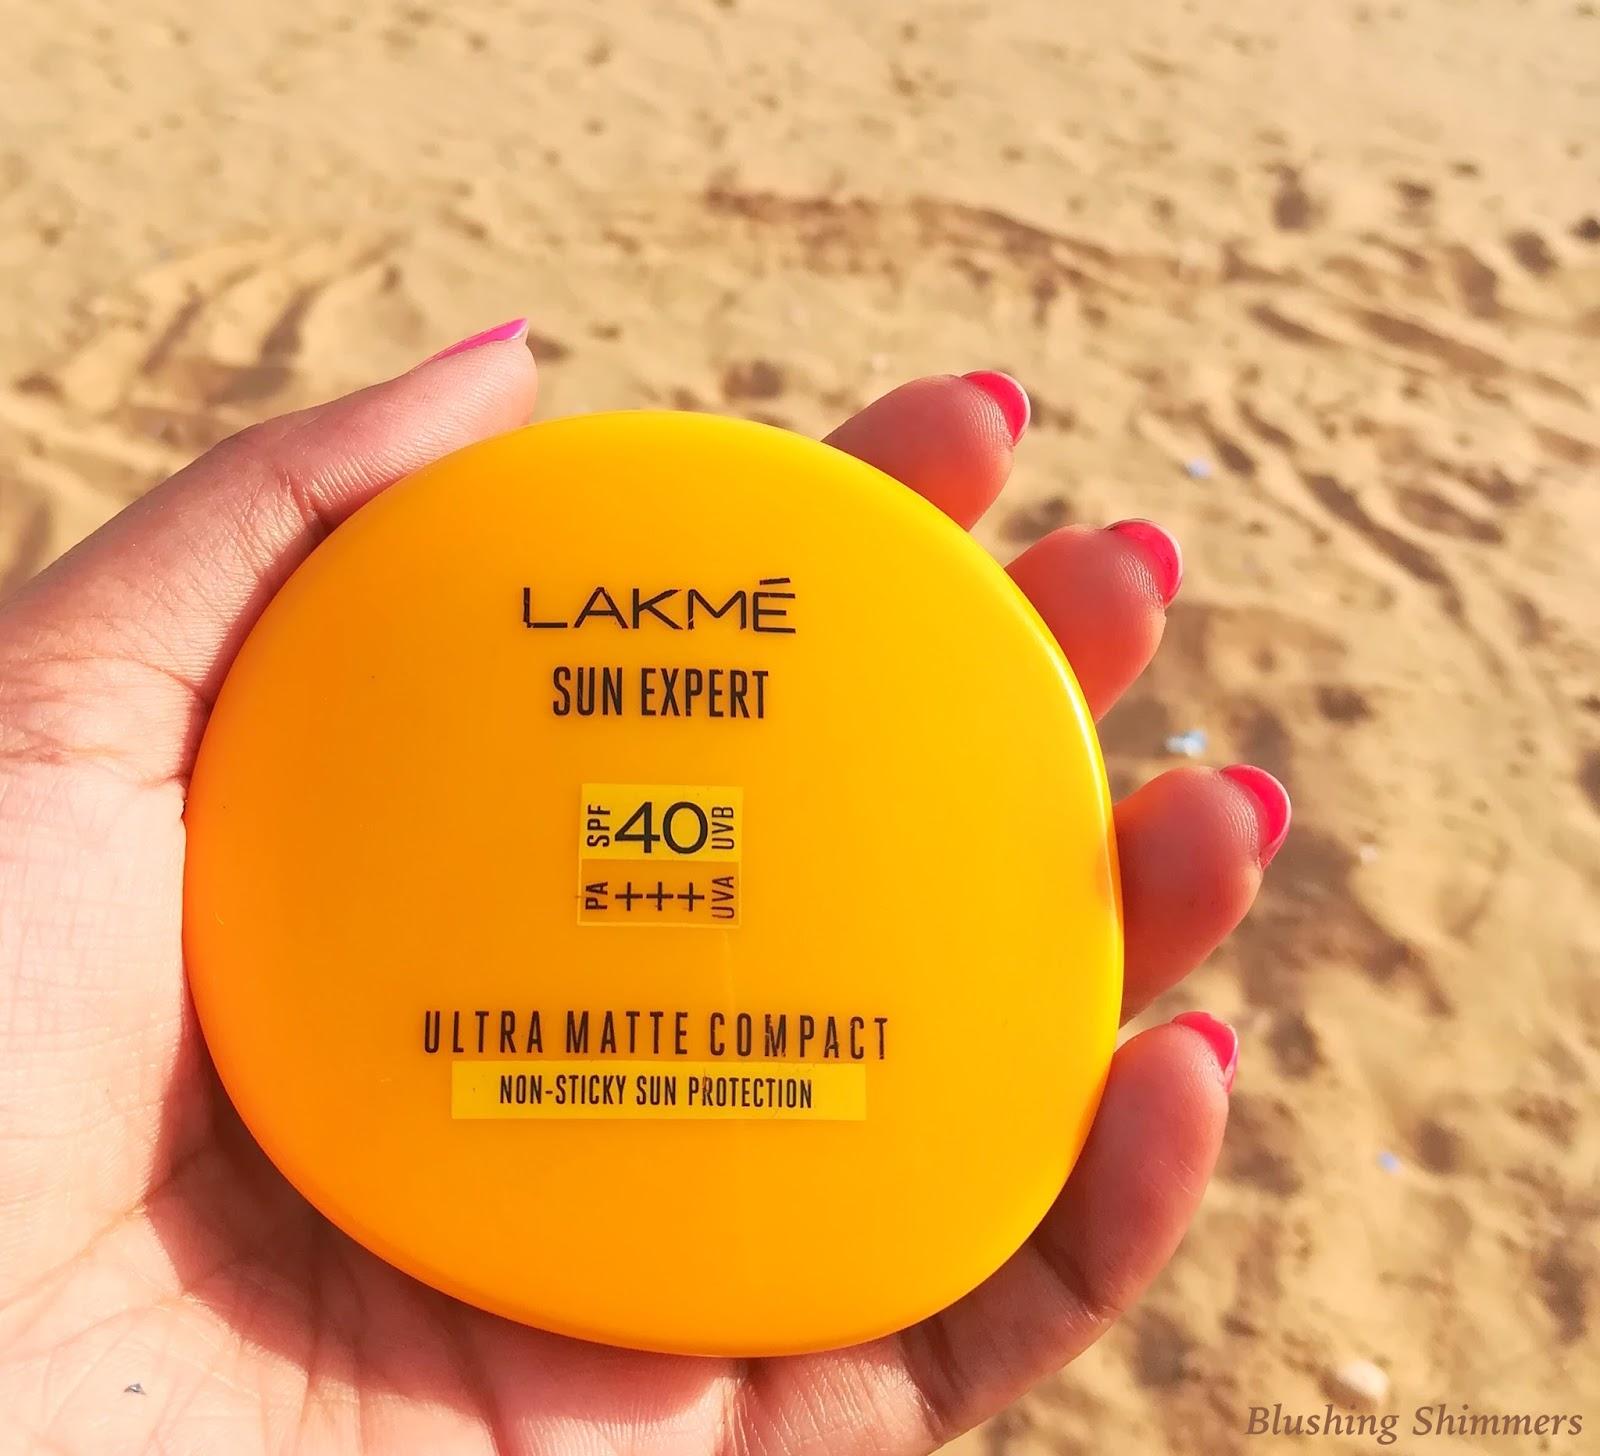 Lakme Sun Expert Ultra Matte Compact Review